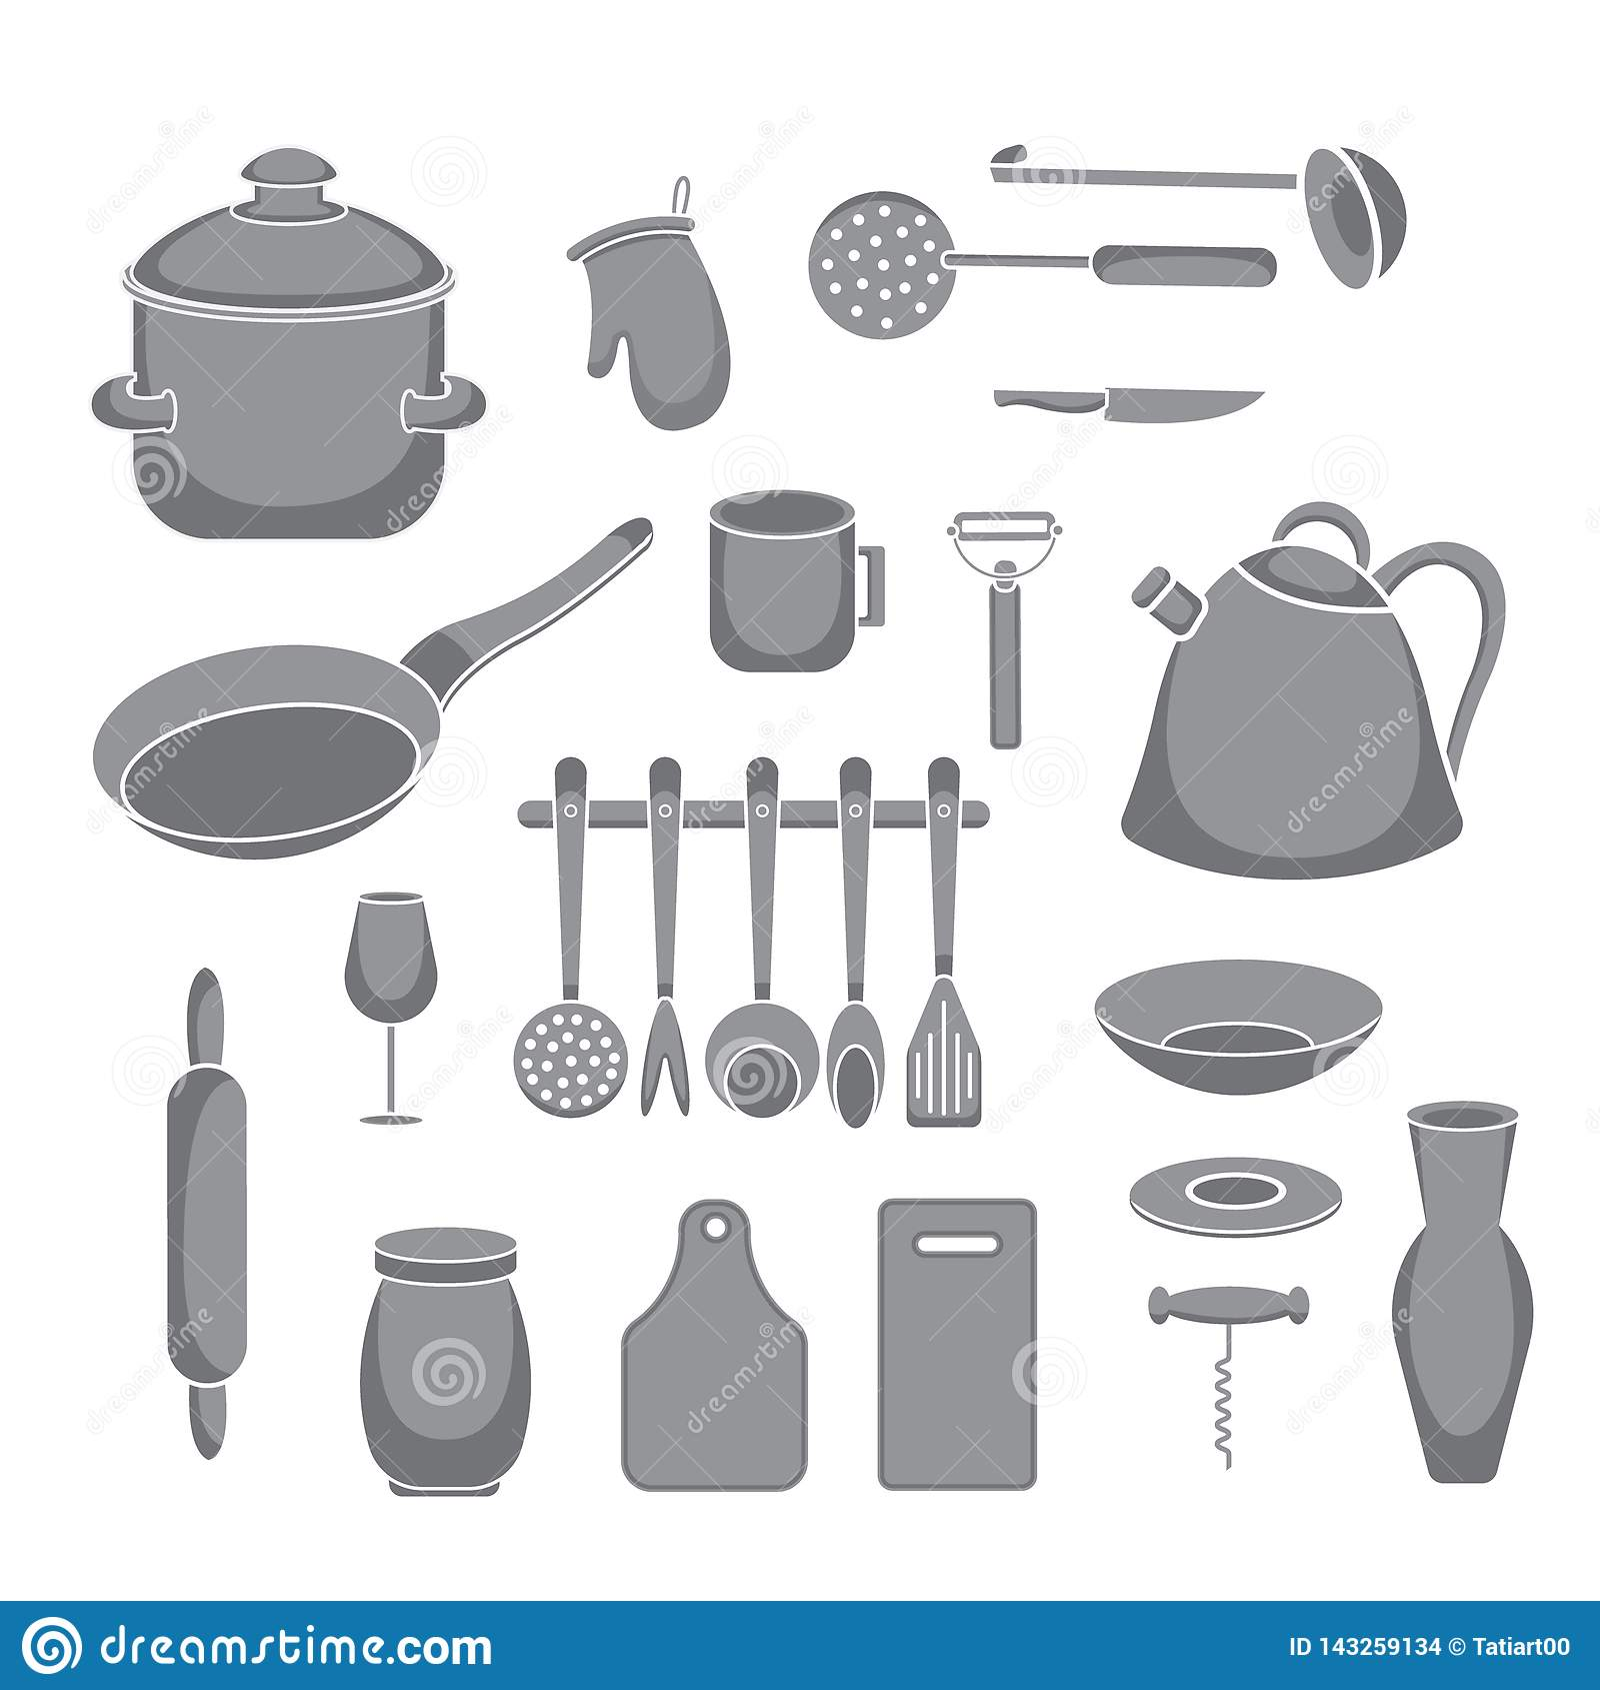 Trousse D Outils De Cuisine De Vecteur Collection De Vaisselle De